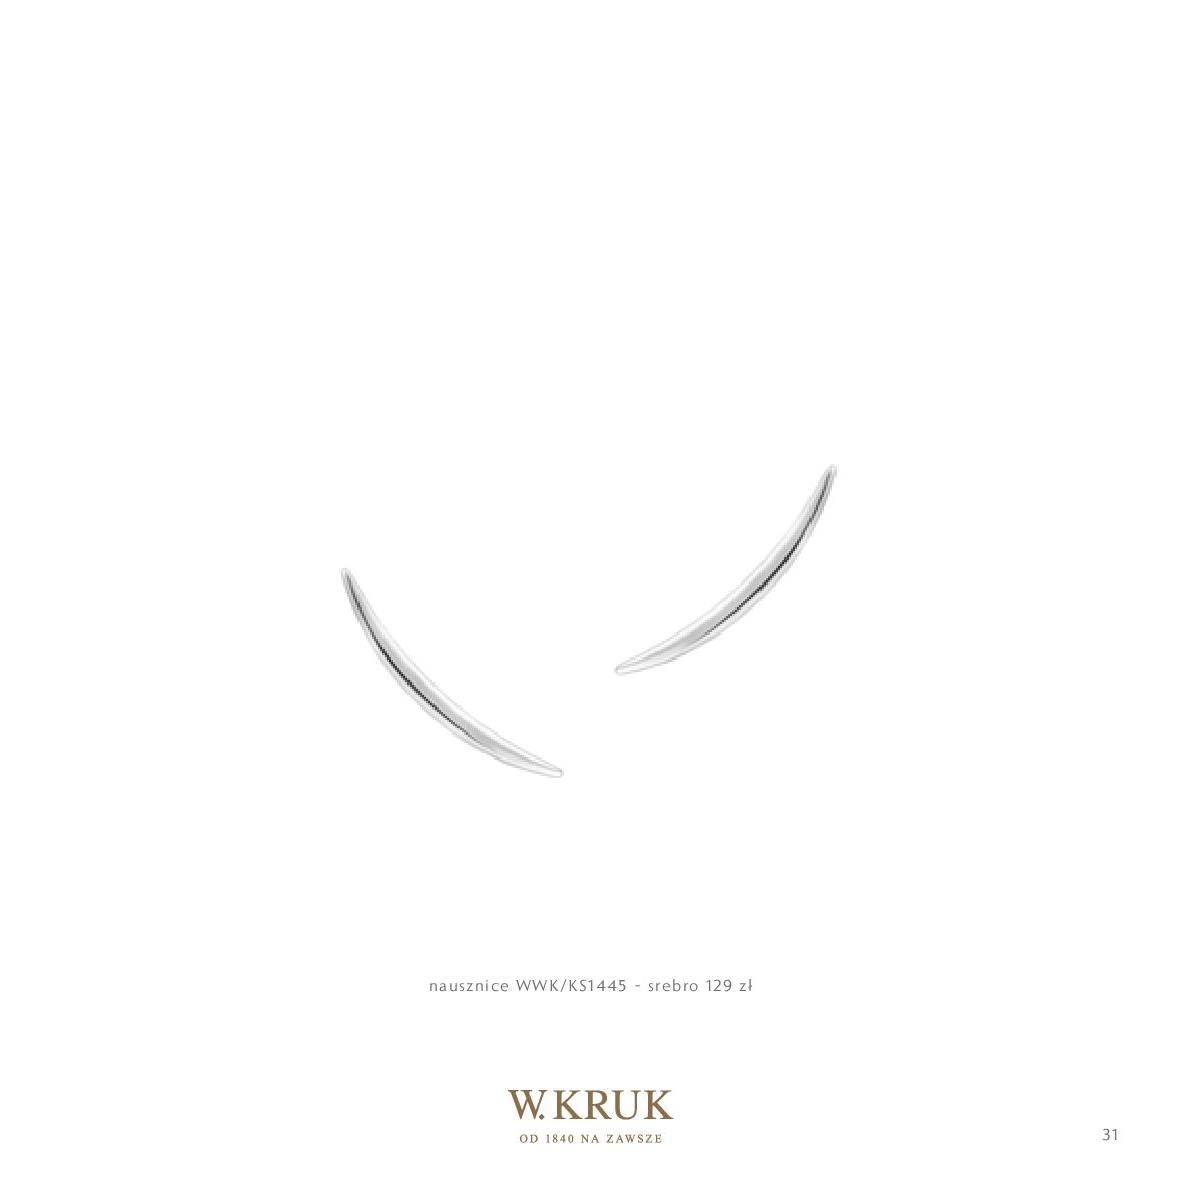 Gazetka W. KRUK: Katalog - Freedom Wolf 2021-02-17 page-33